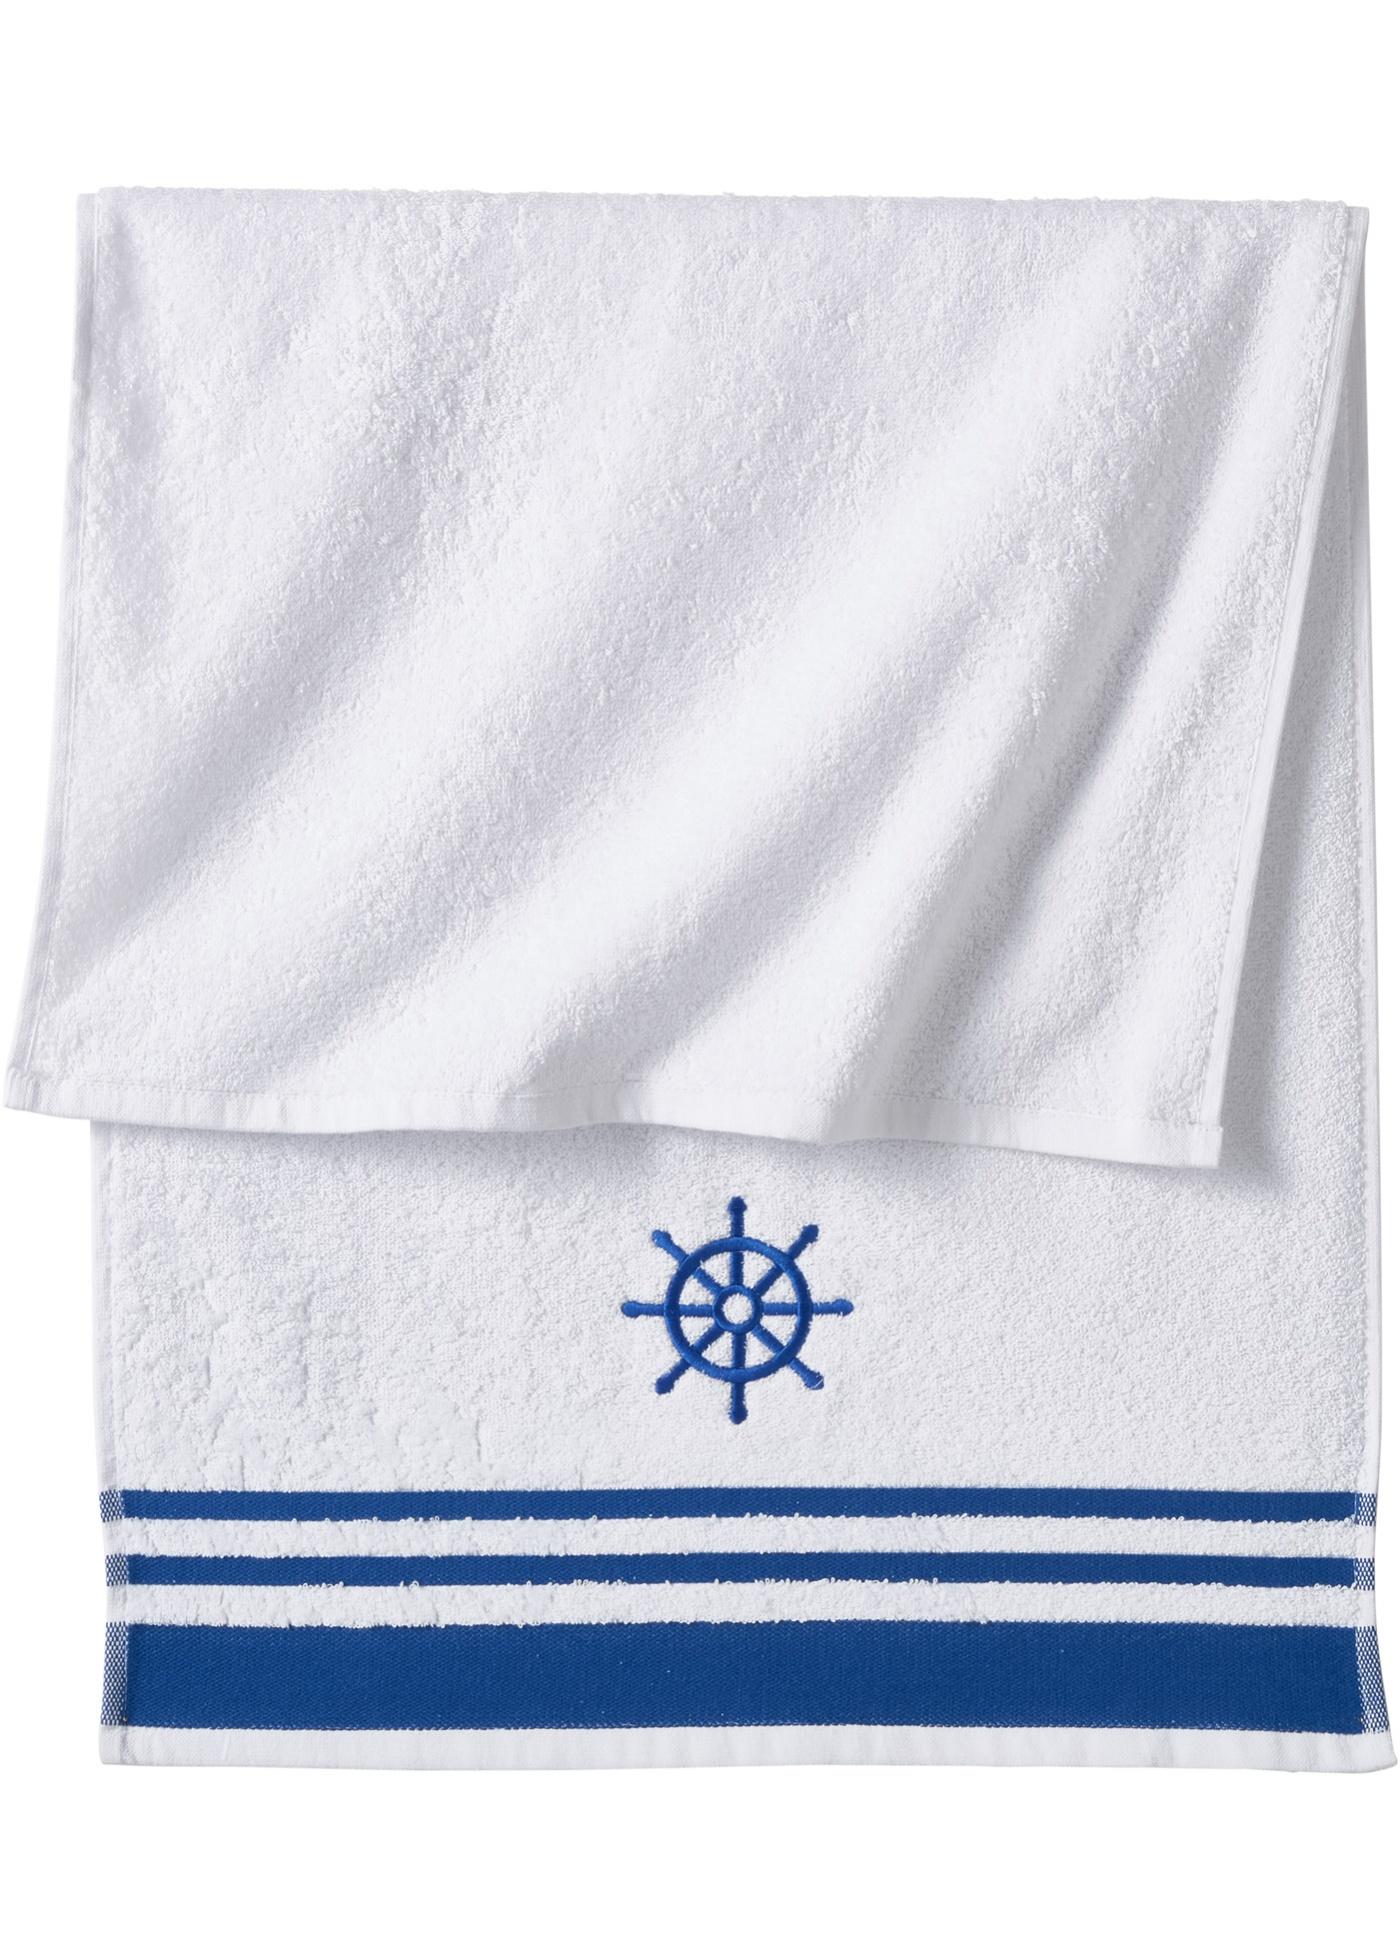 Handdoek Stuurrad